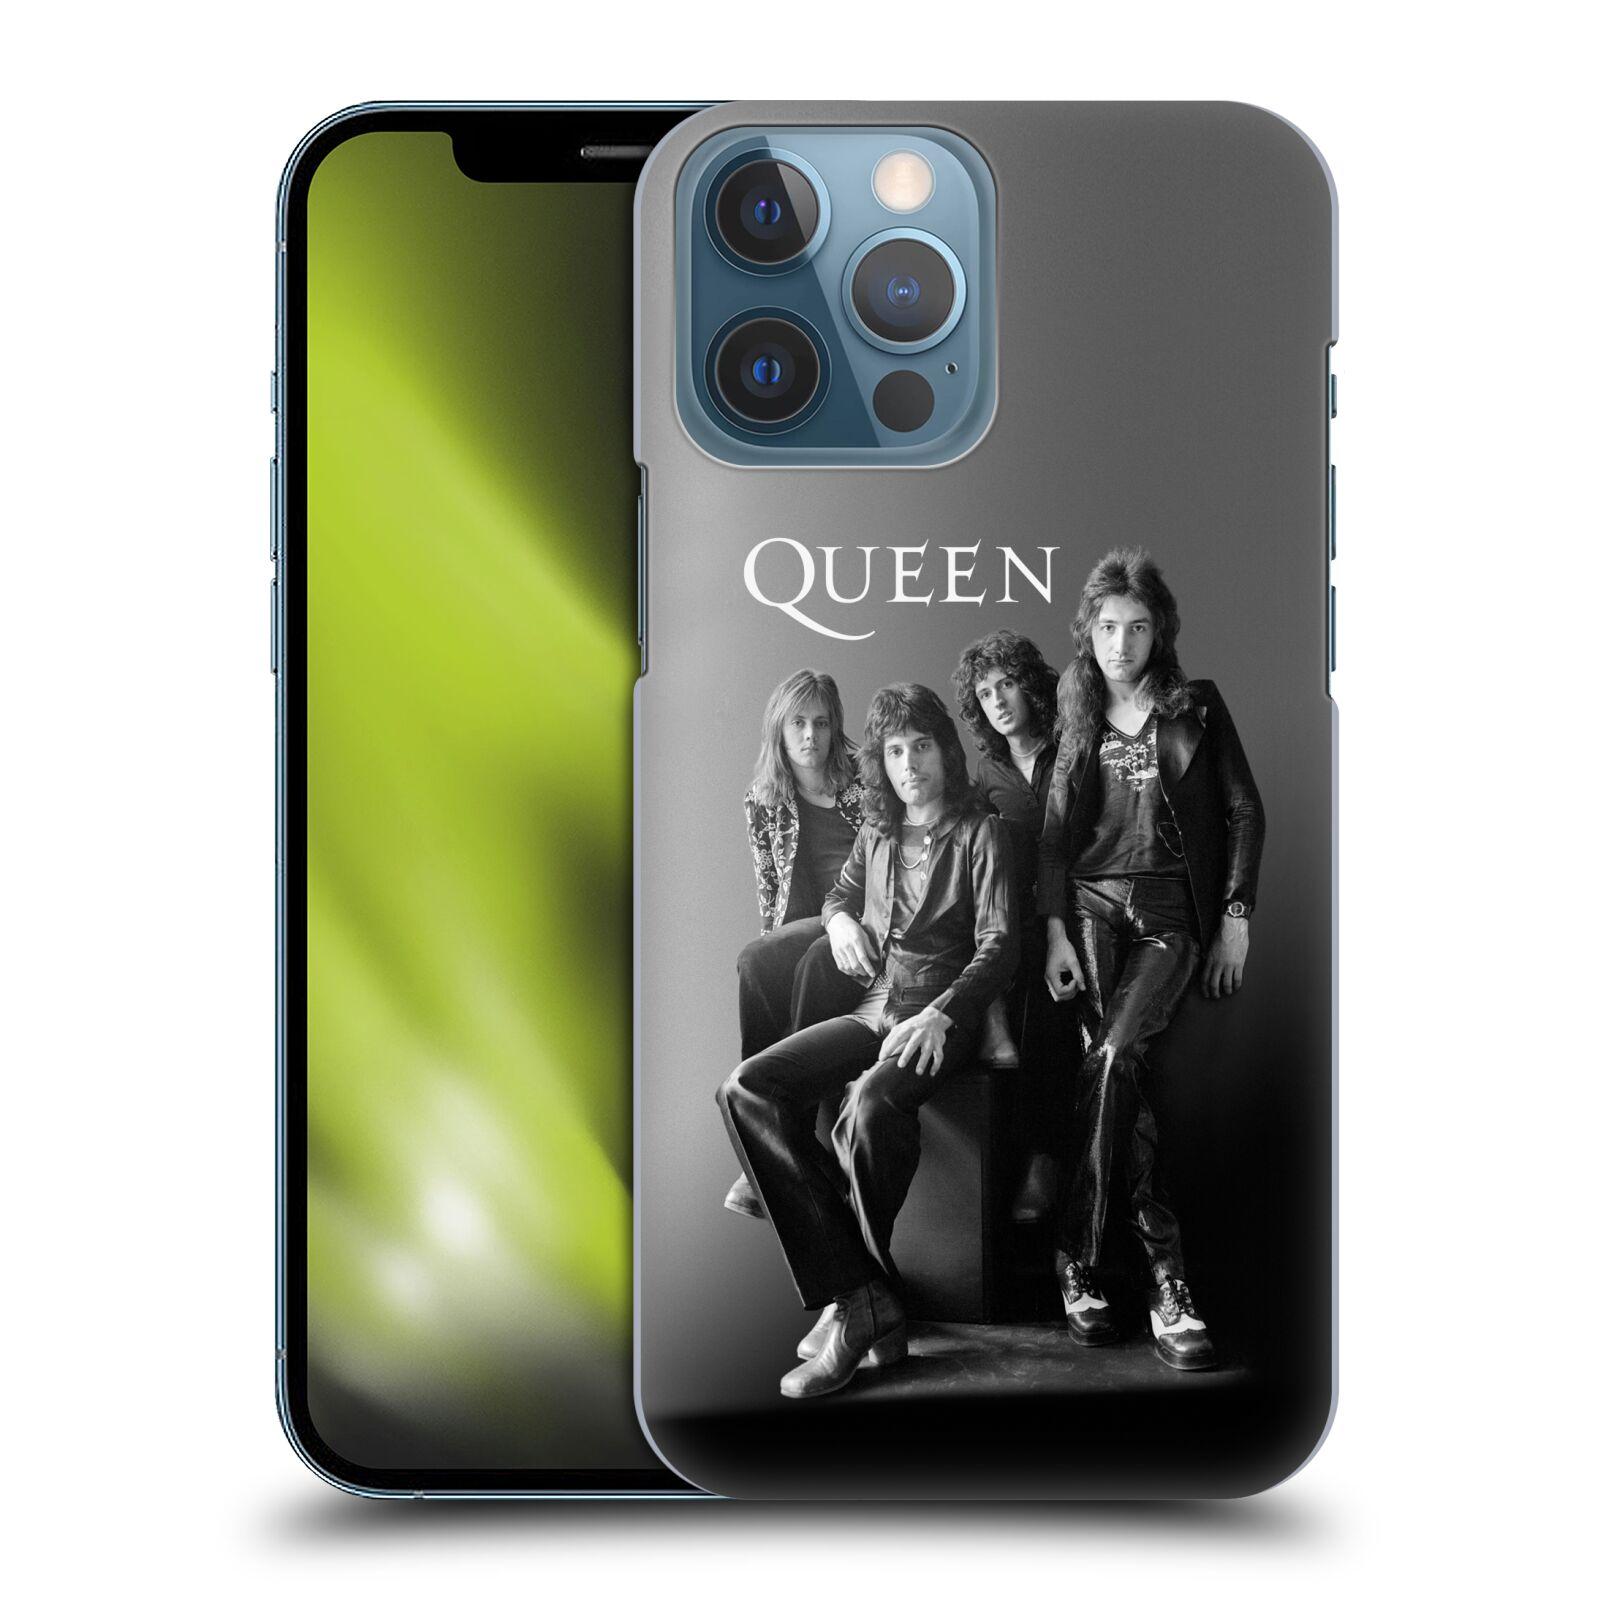 Plastové pouzdro na mobil Apple iPhone 13 Pro Max - Head Case - Queen - Skupina